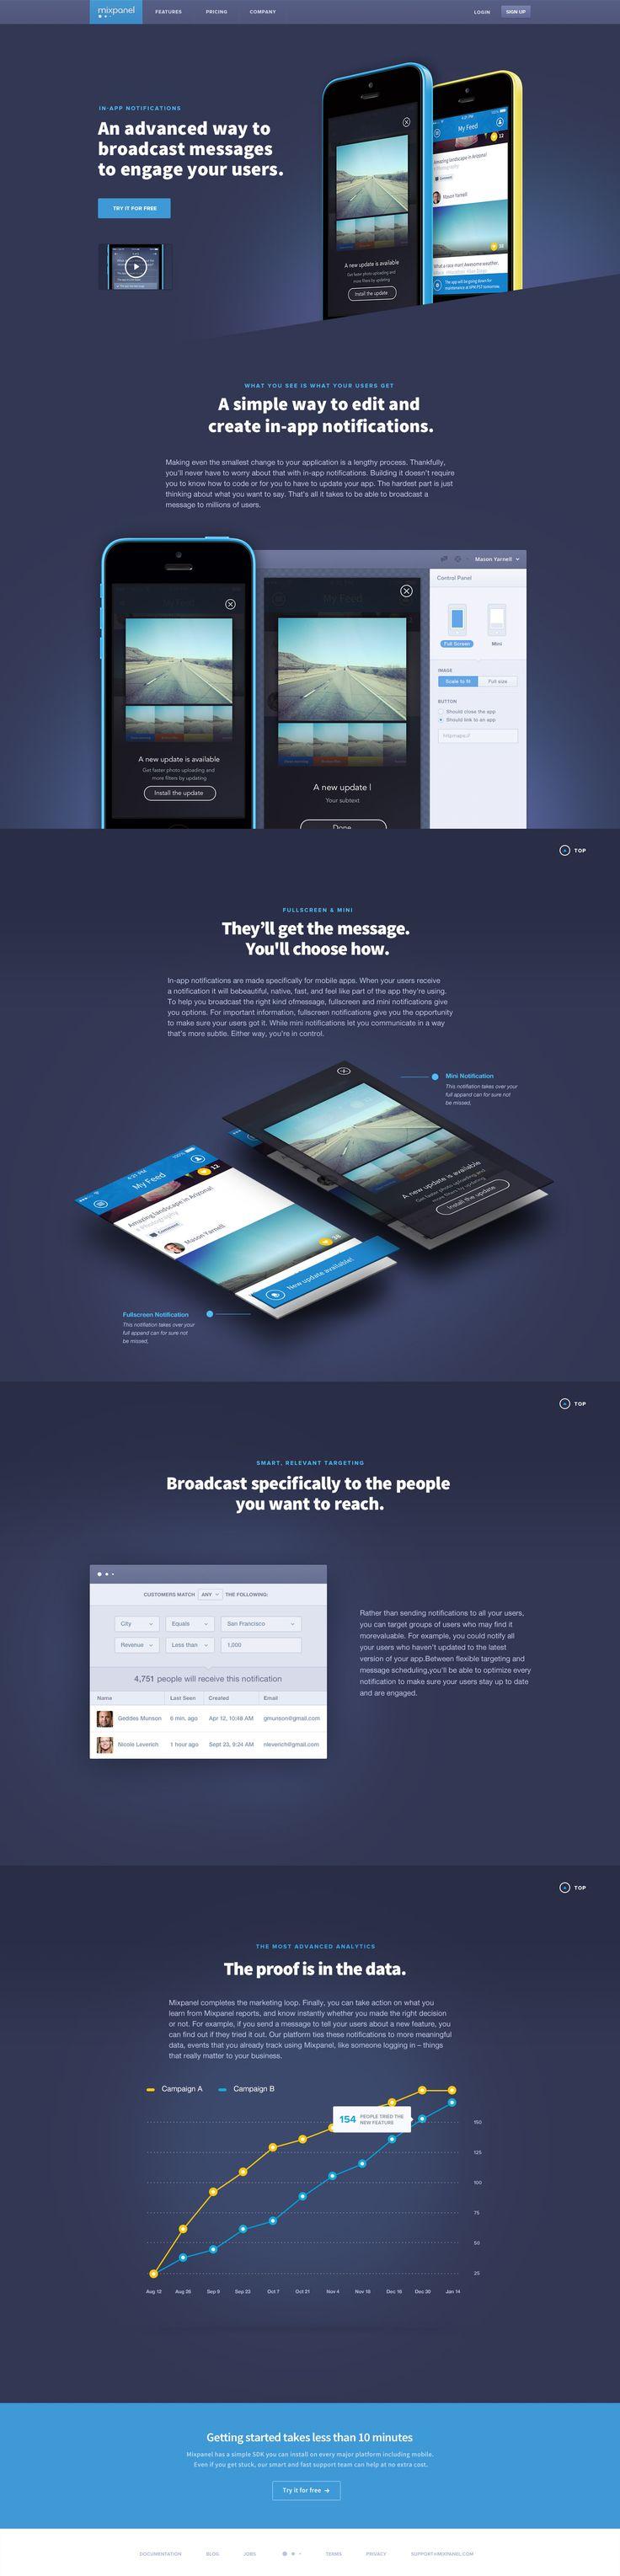 Unique App Design, Mixpanel @wishnewsky #App #Design (http://www.pinterest.com/aldenchong/)